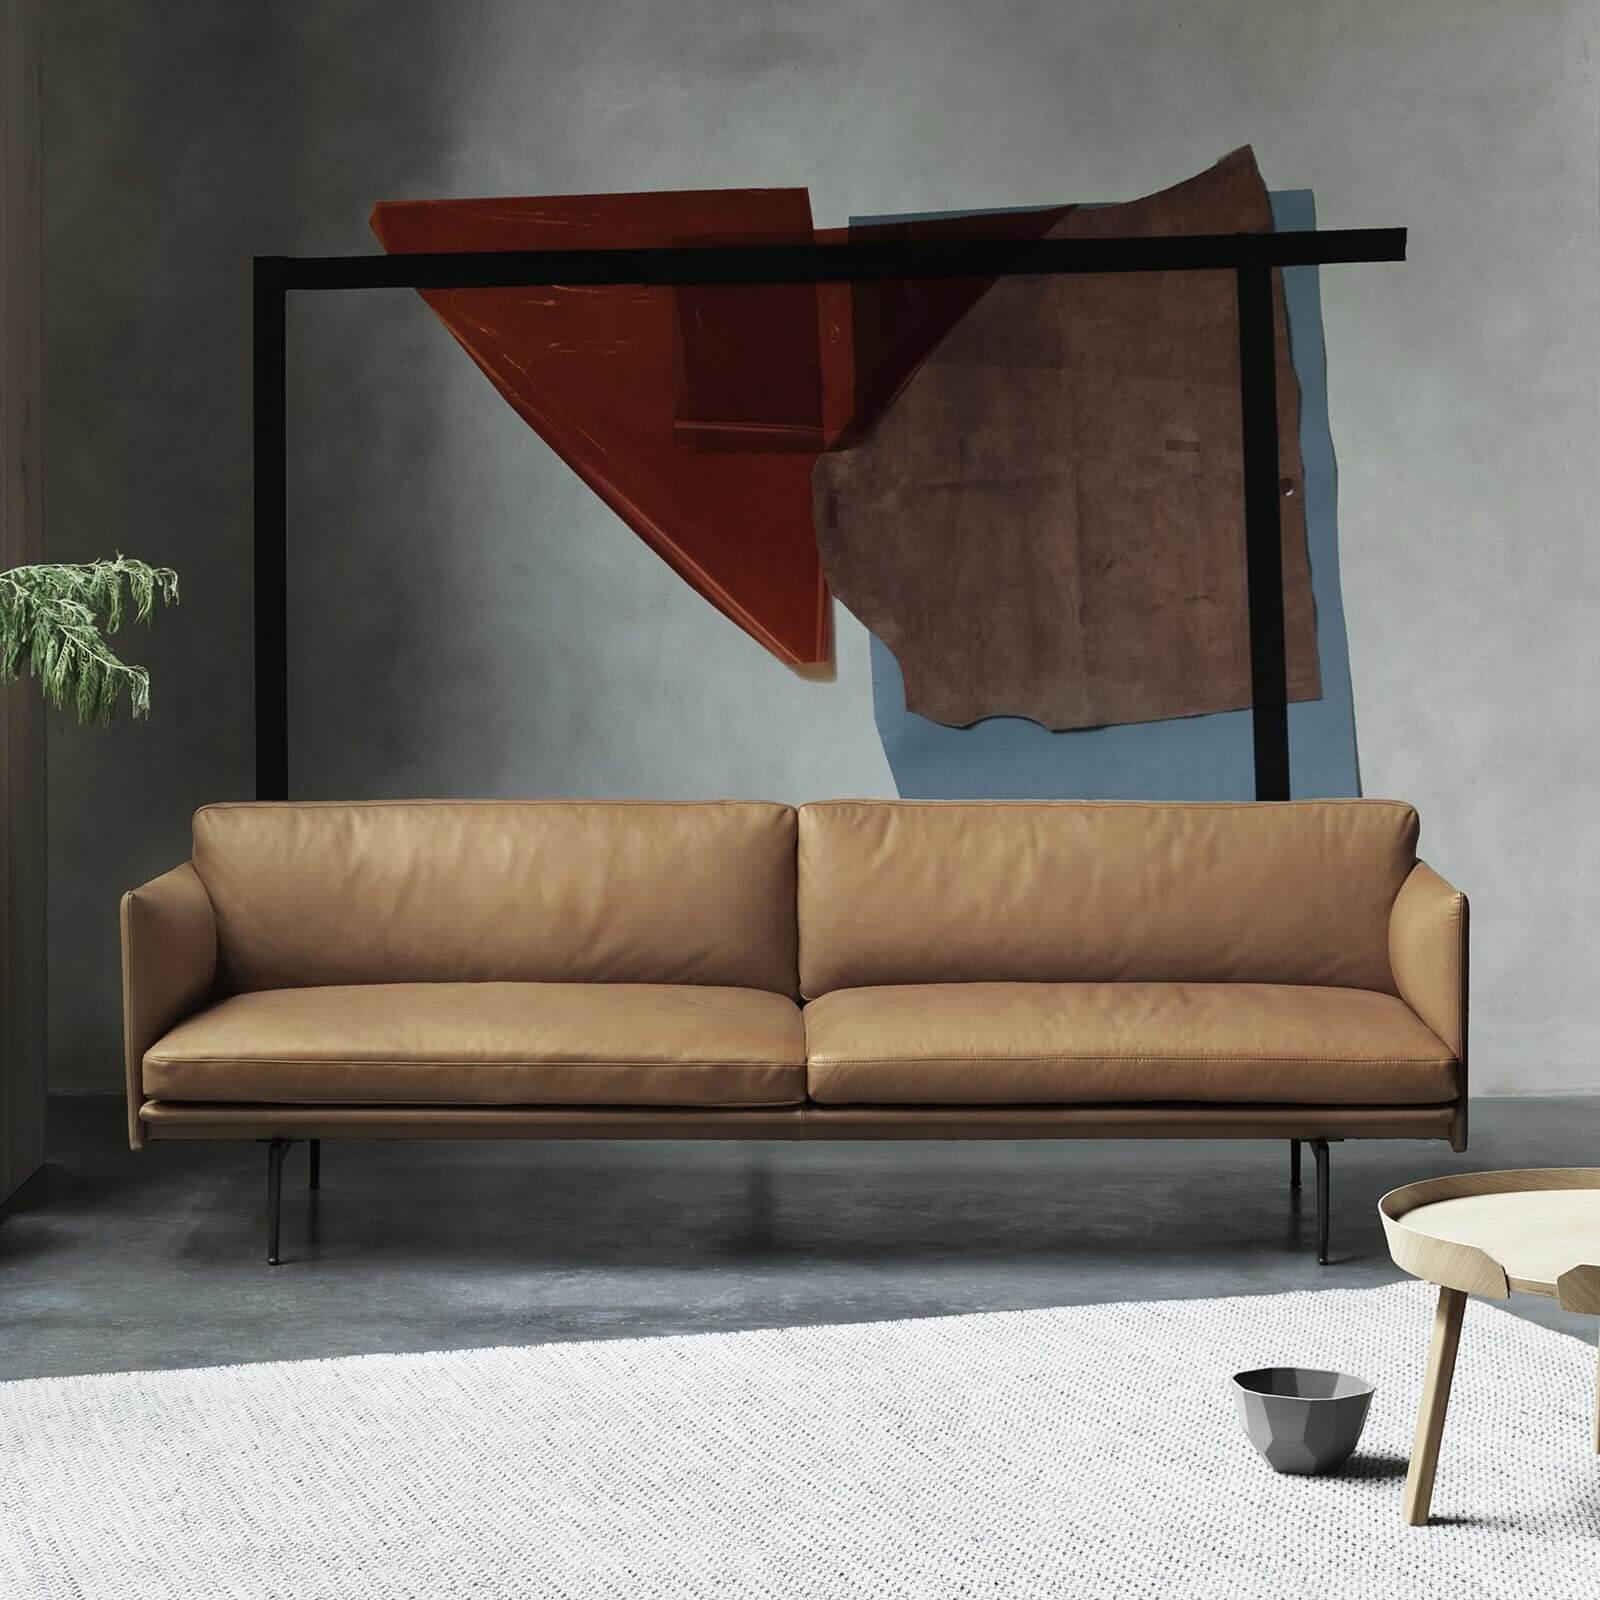 Full Size of Muuto Oslo Sofa Rest Review Connect Modular Outline Dimensions München Baxter Machalke L Mit Schlaffunktion Für Esstisch Grünes Rotes Online Kaufen Sitzsack Sofa Muuto Sofa